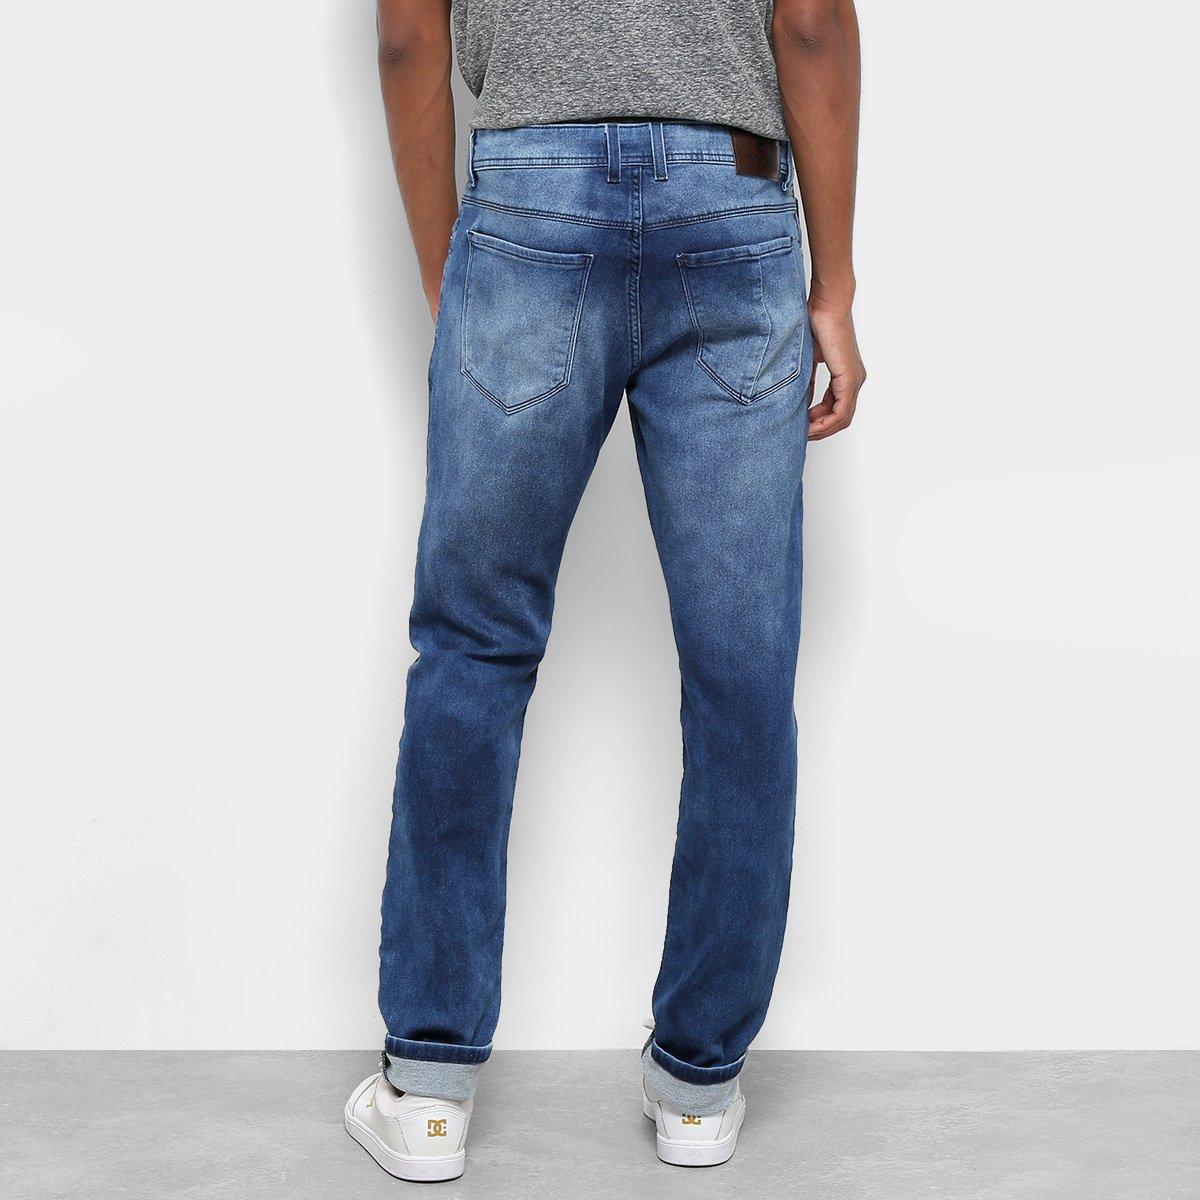 Calça Jeans Rip Curl Confort Used - Tam: 36 - 1